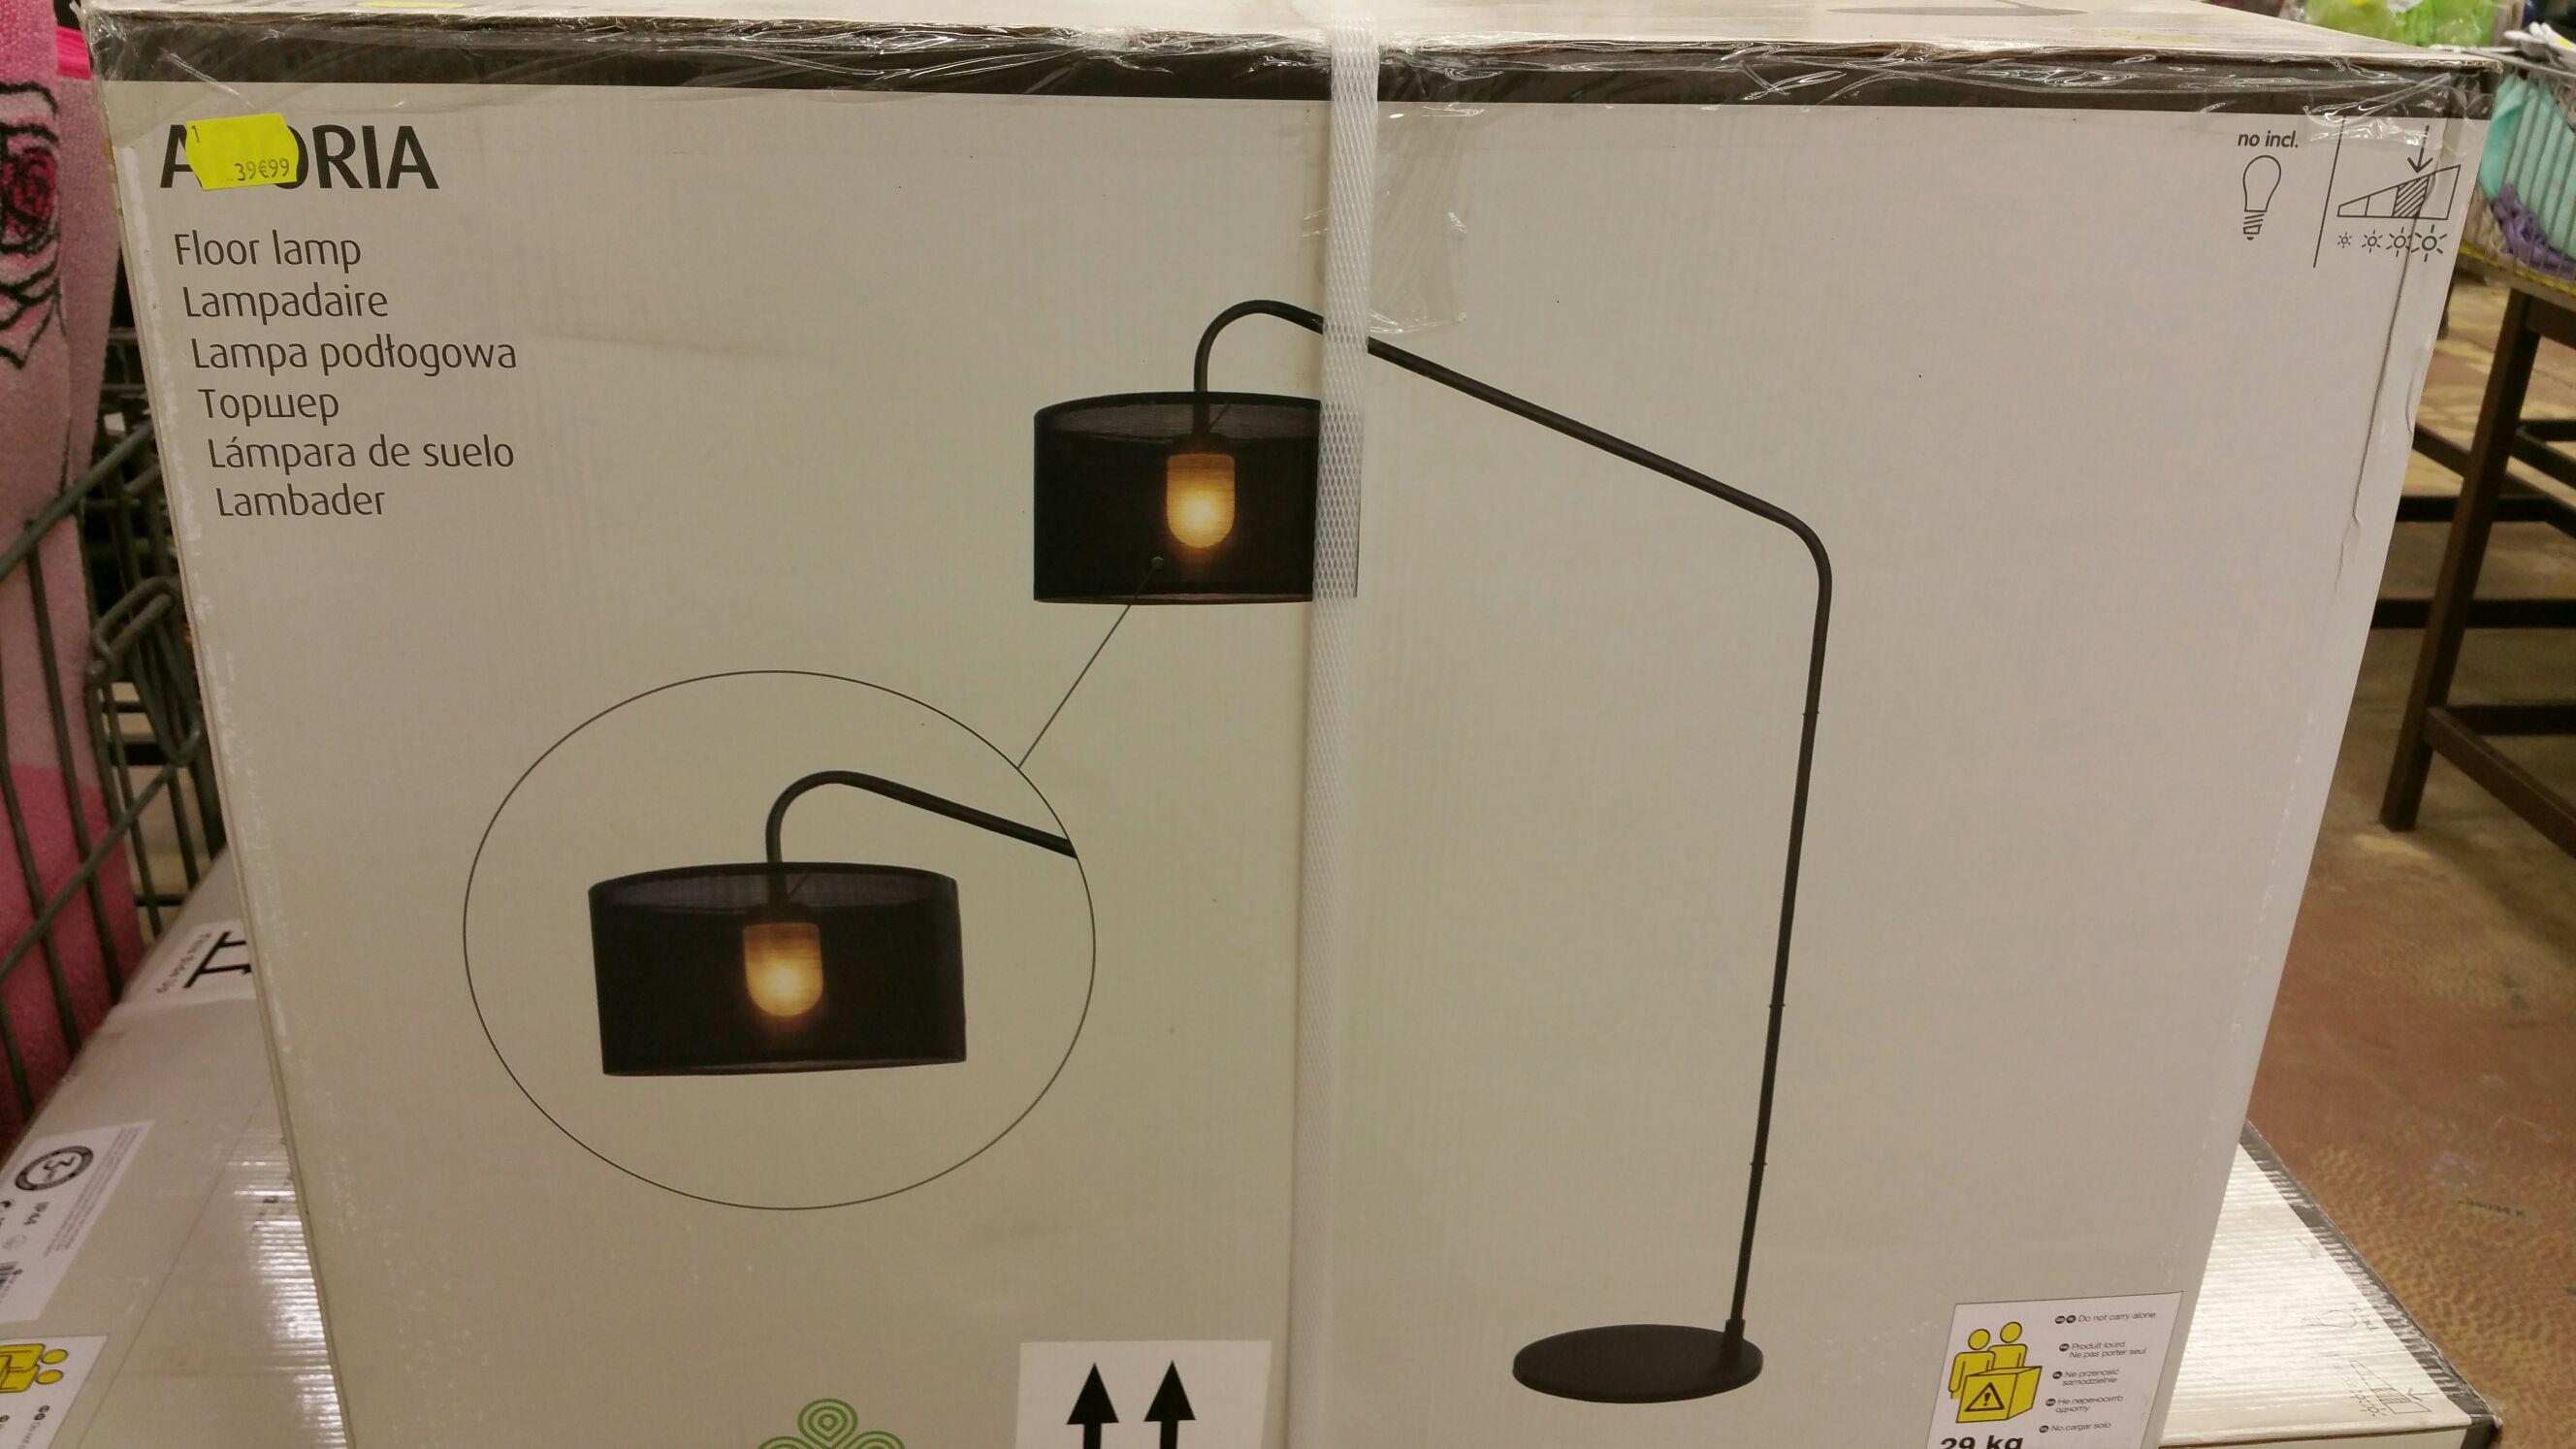 Sélection de lampes en promo - Ex : Lampe Blooma Aporia